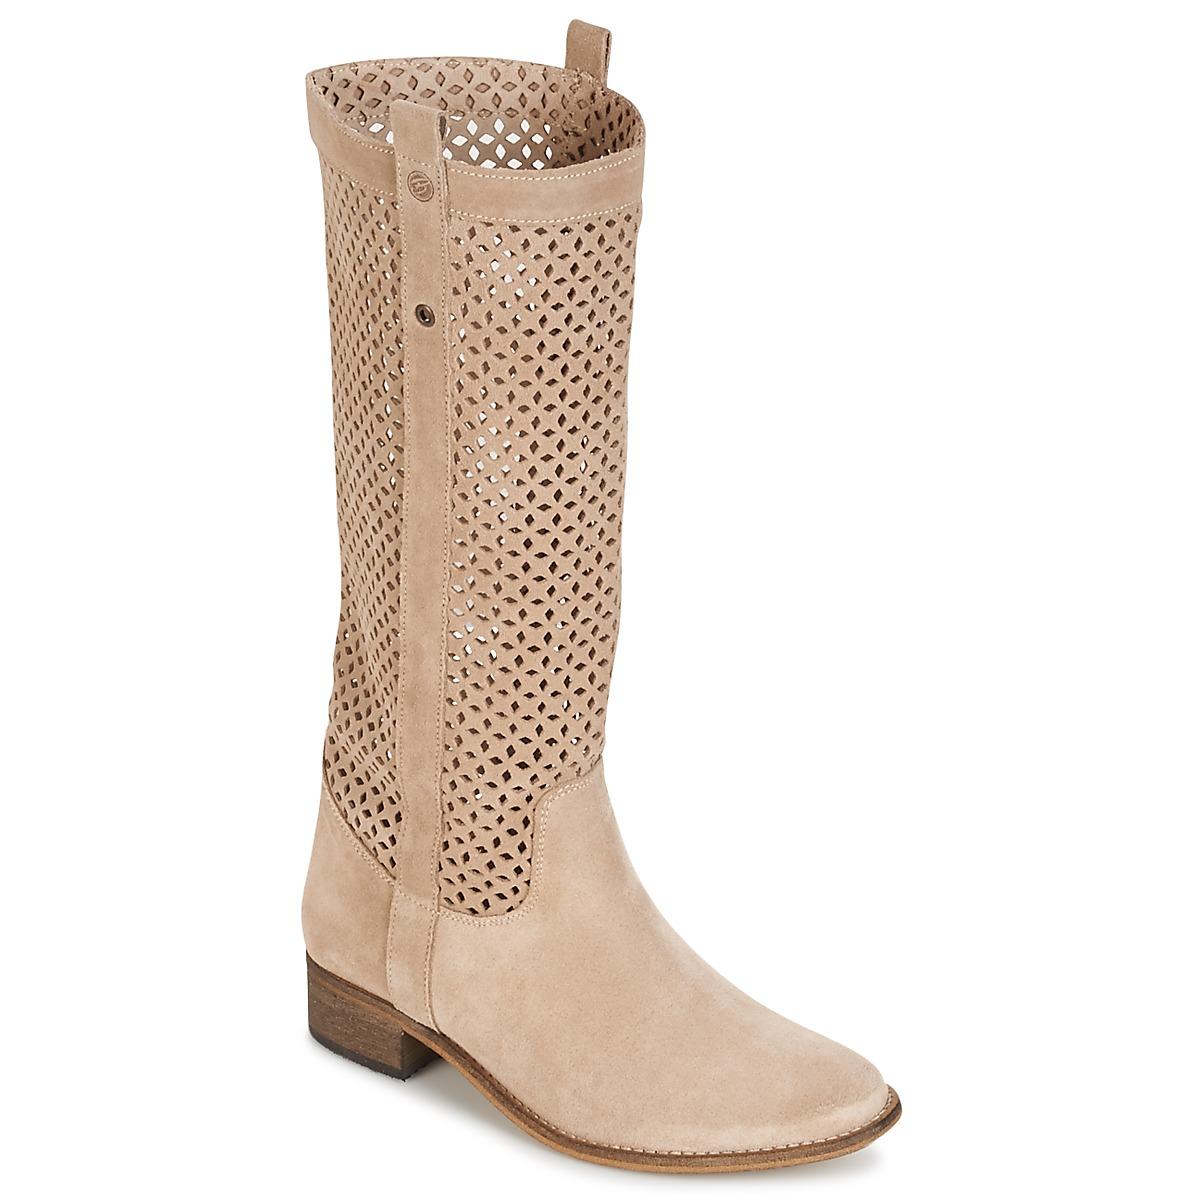 Betty London DIVOUI Beige - Kostenloser Versand bei Spartoode ! - Schuhe Klassische Stiefel Damen 67,99 €